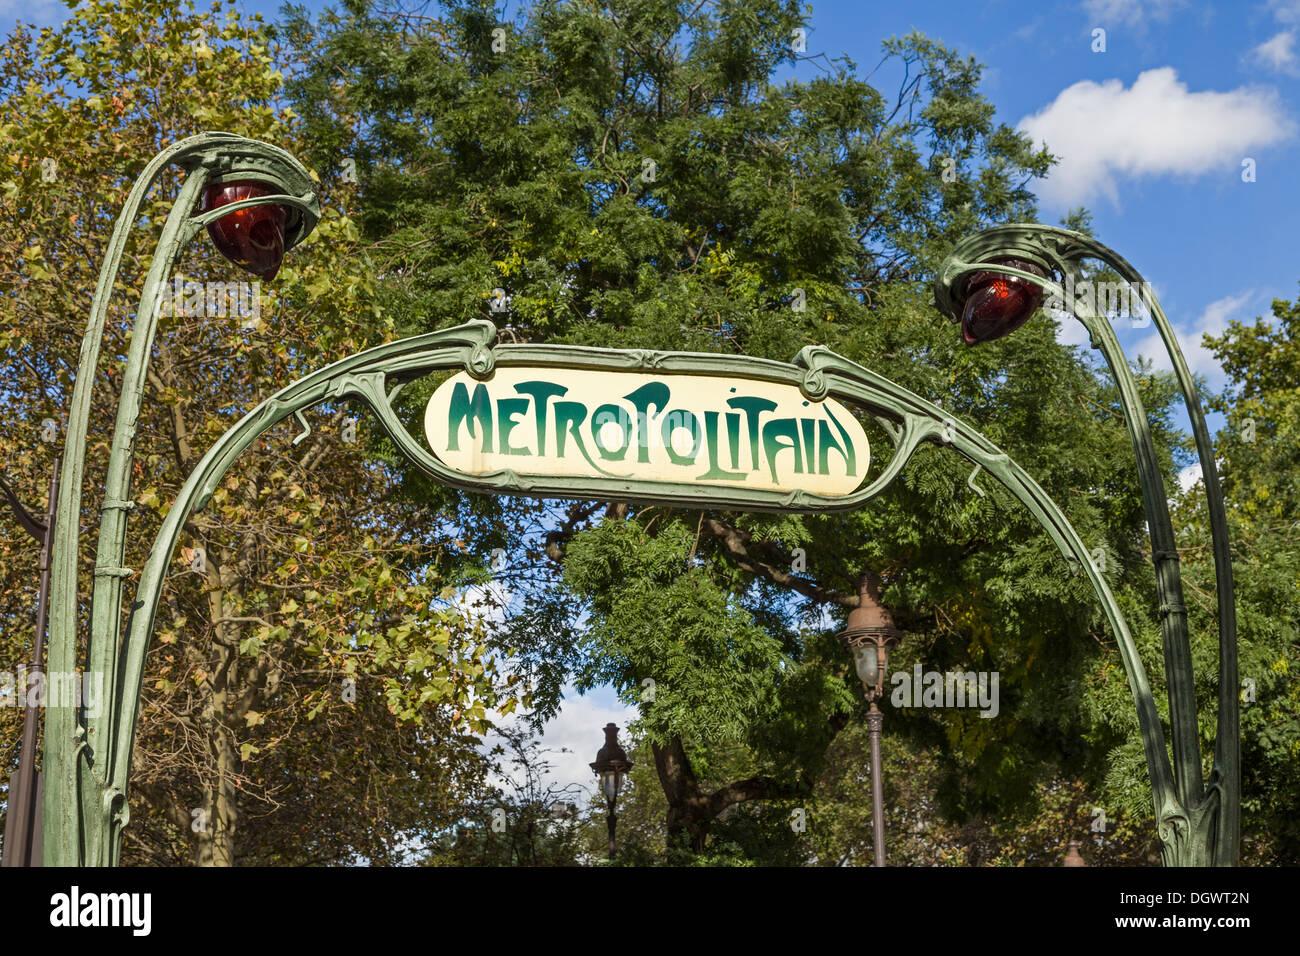 Hector Guimard Art Nouveau Paris Métro entrance (Richard-Lenoir station), Paris, France - Stock Image